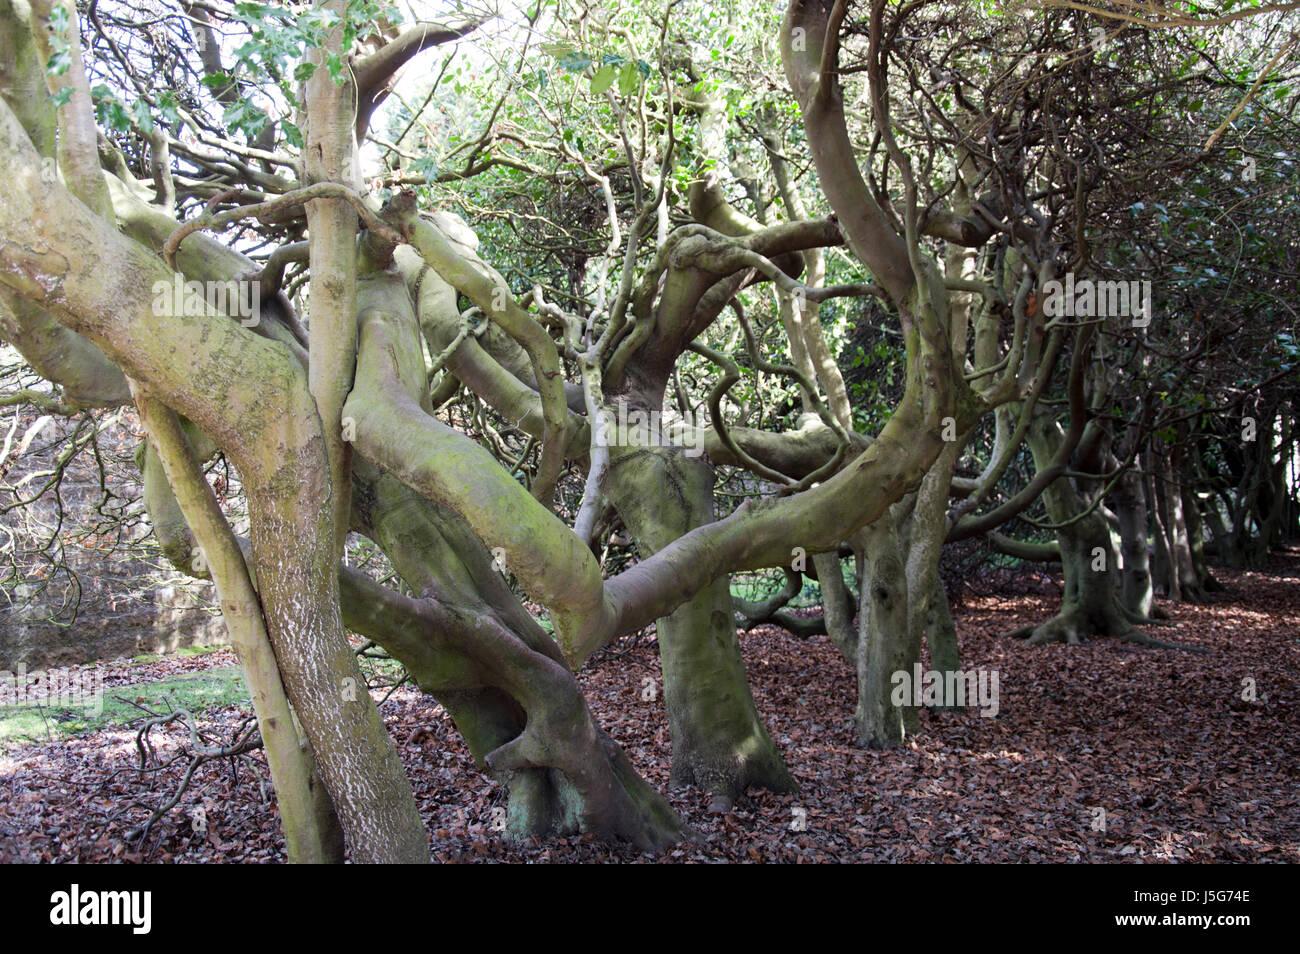 Non riesco a vedere il legno per gli alberi, ritorto aggrovigliati e rami di alberi maturi in un bosco di impostazione Immagini Stock